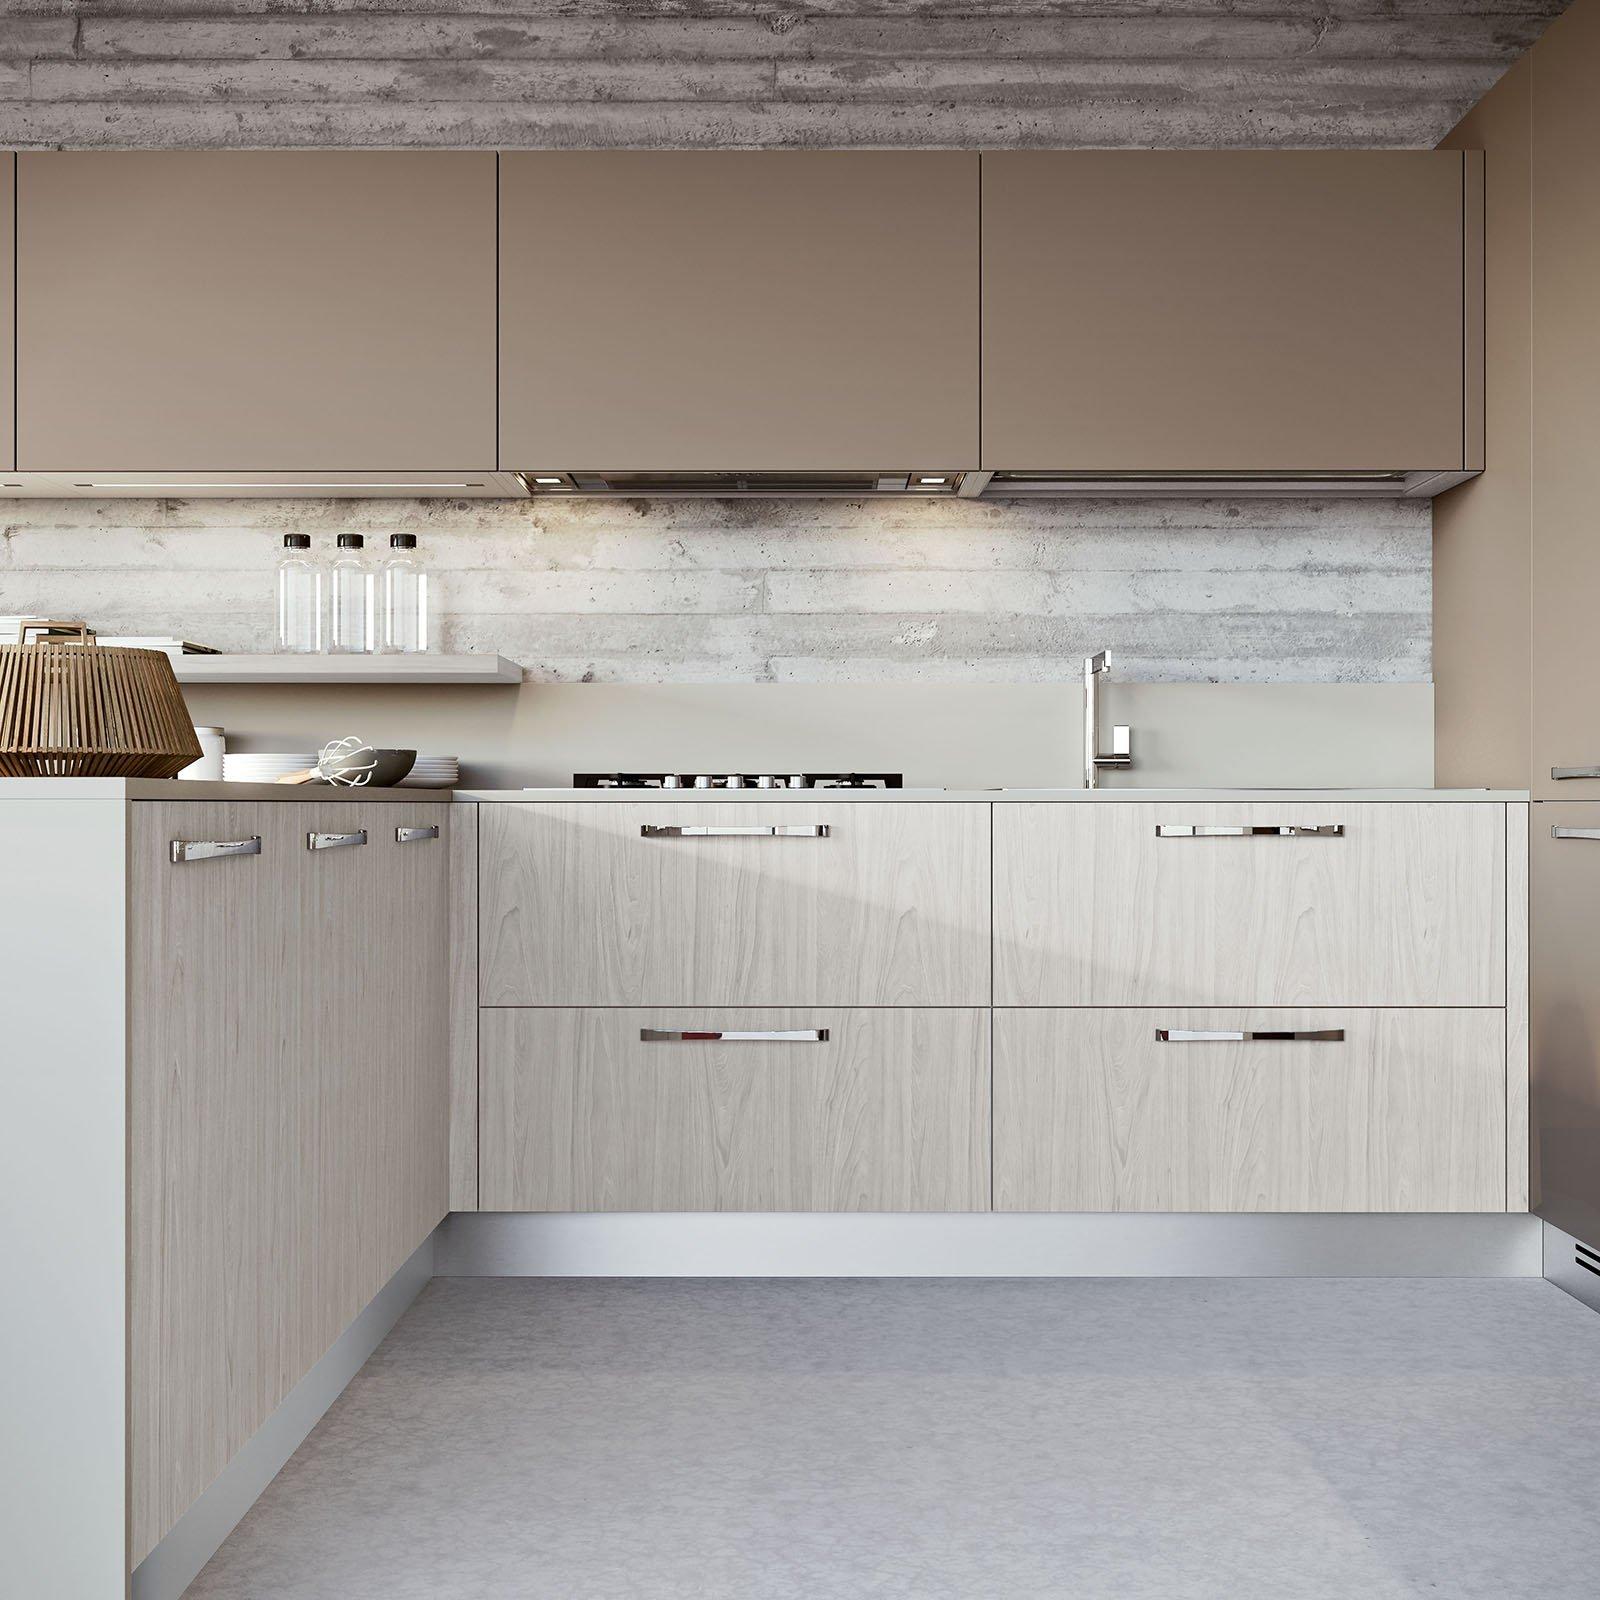 Cucina la luce nel punto giusto cose di casa for Cucine arredo tre